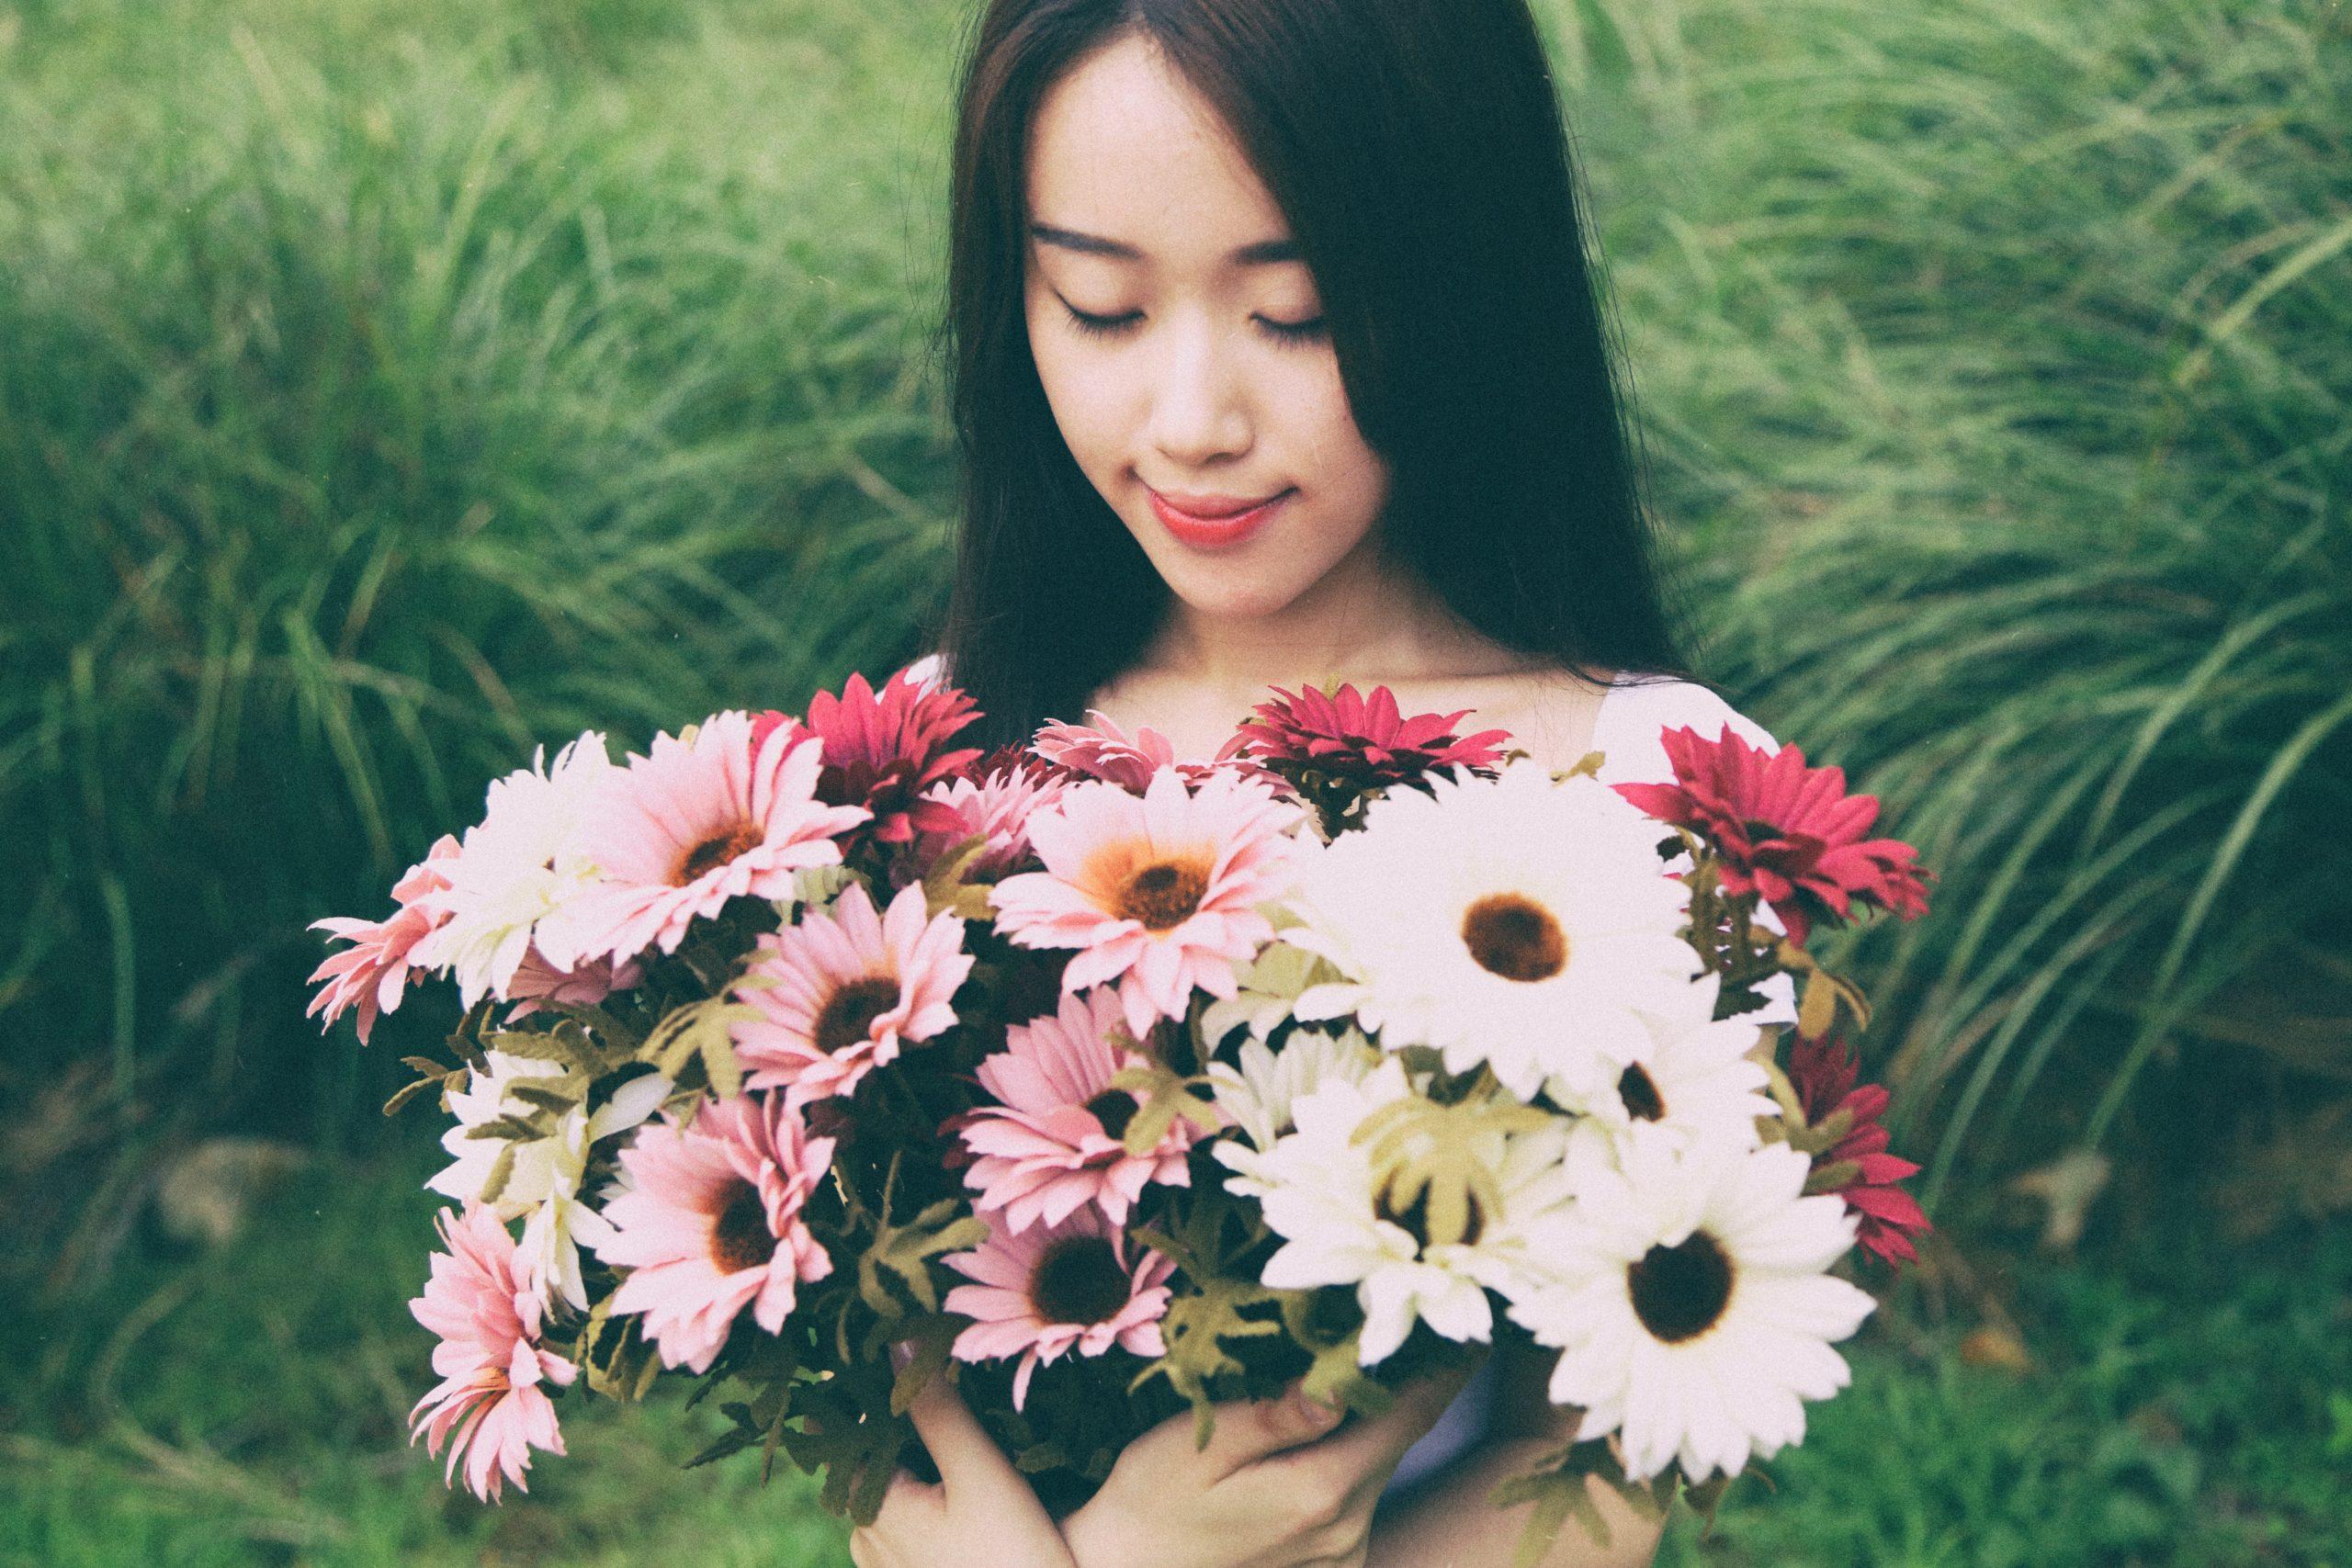 「自負する」は日本的で謙虚な表現